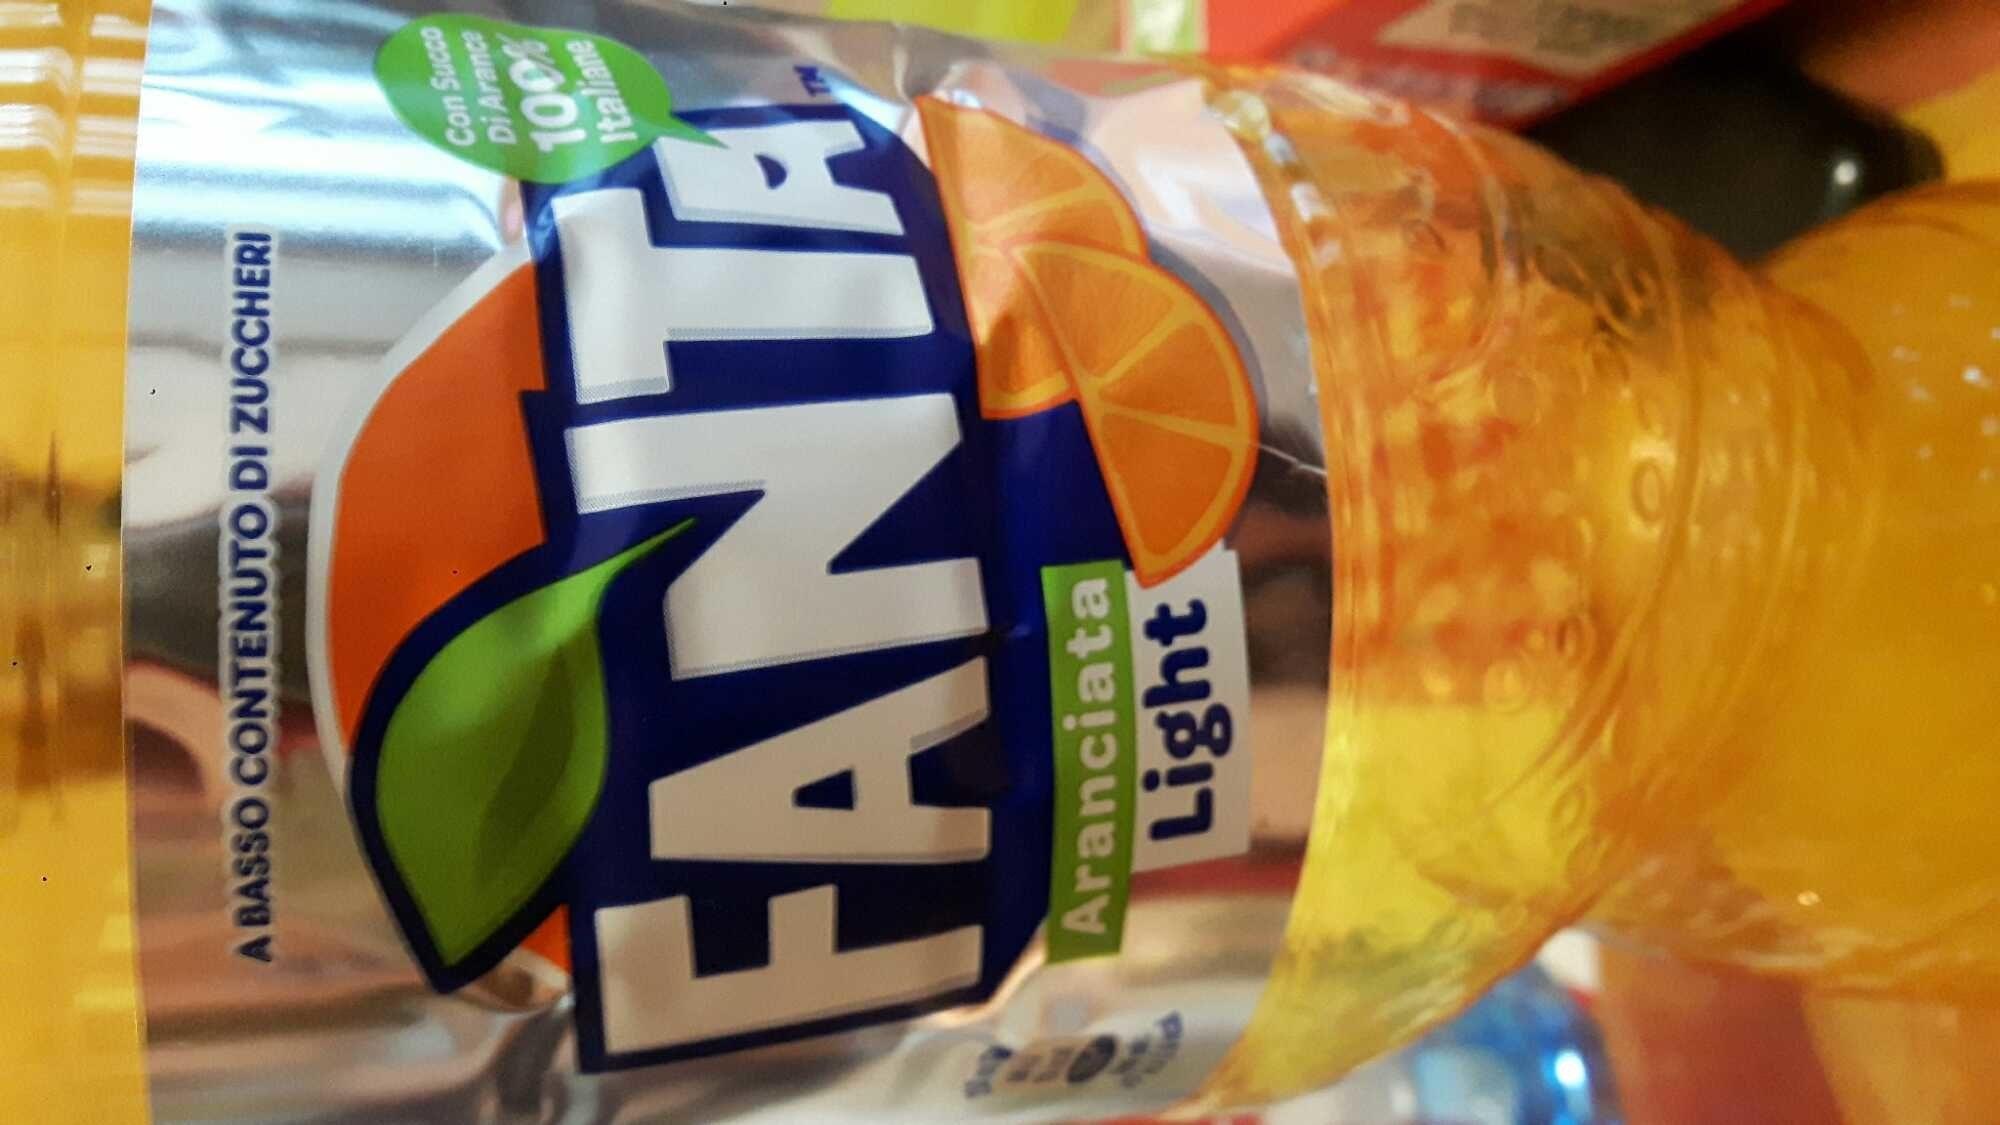 Fanta zéro orange - Prodotto - it